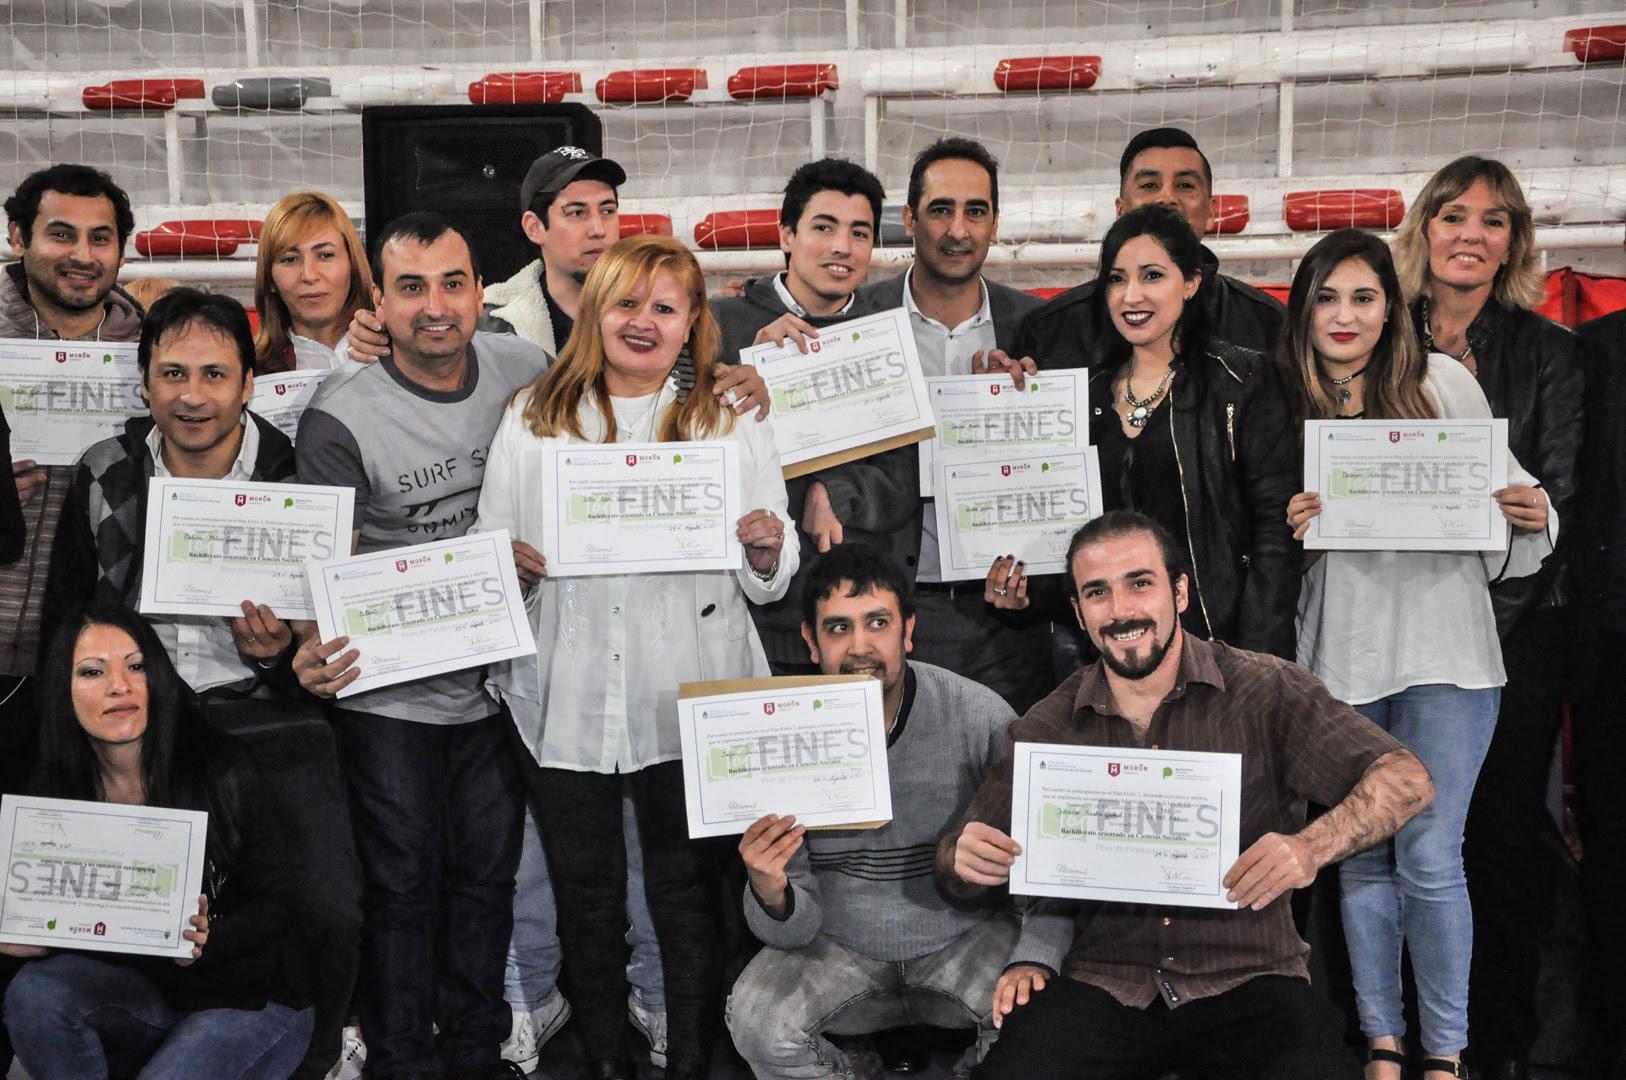 Morón / Tagliaferro entregó diplomas a 250 egresados del Plan FINES 2